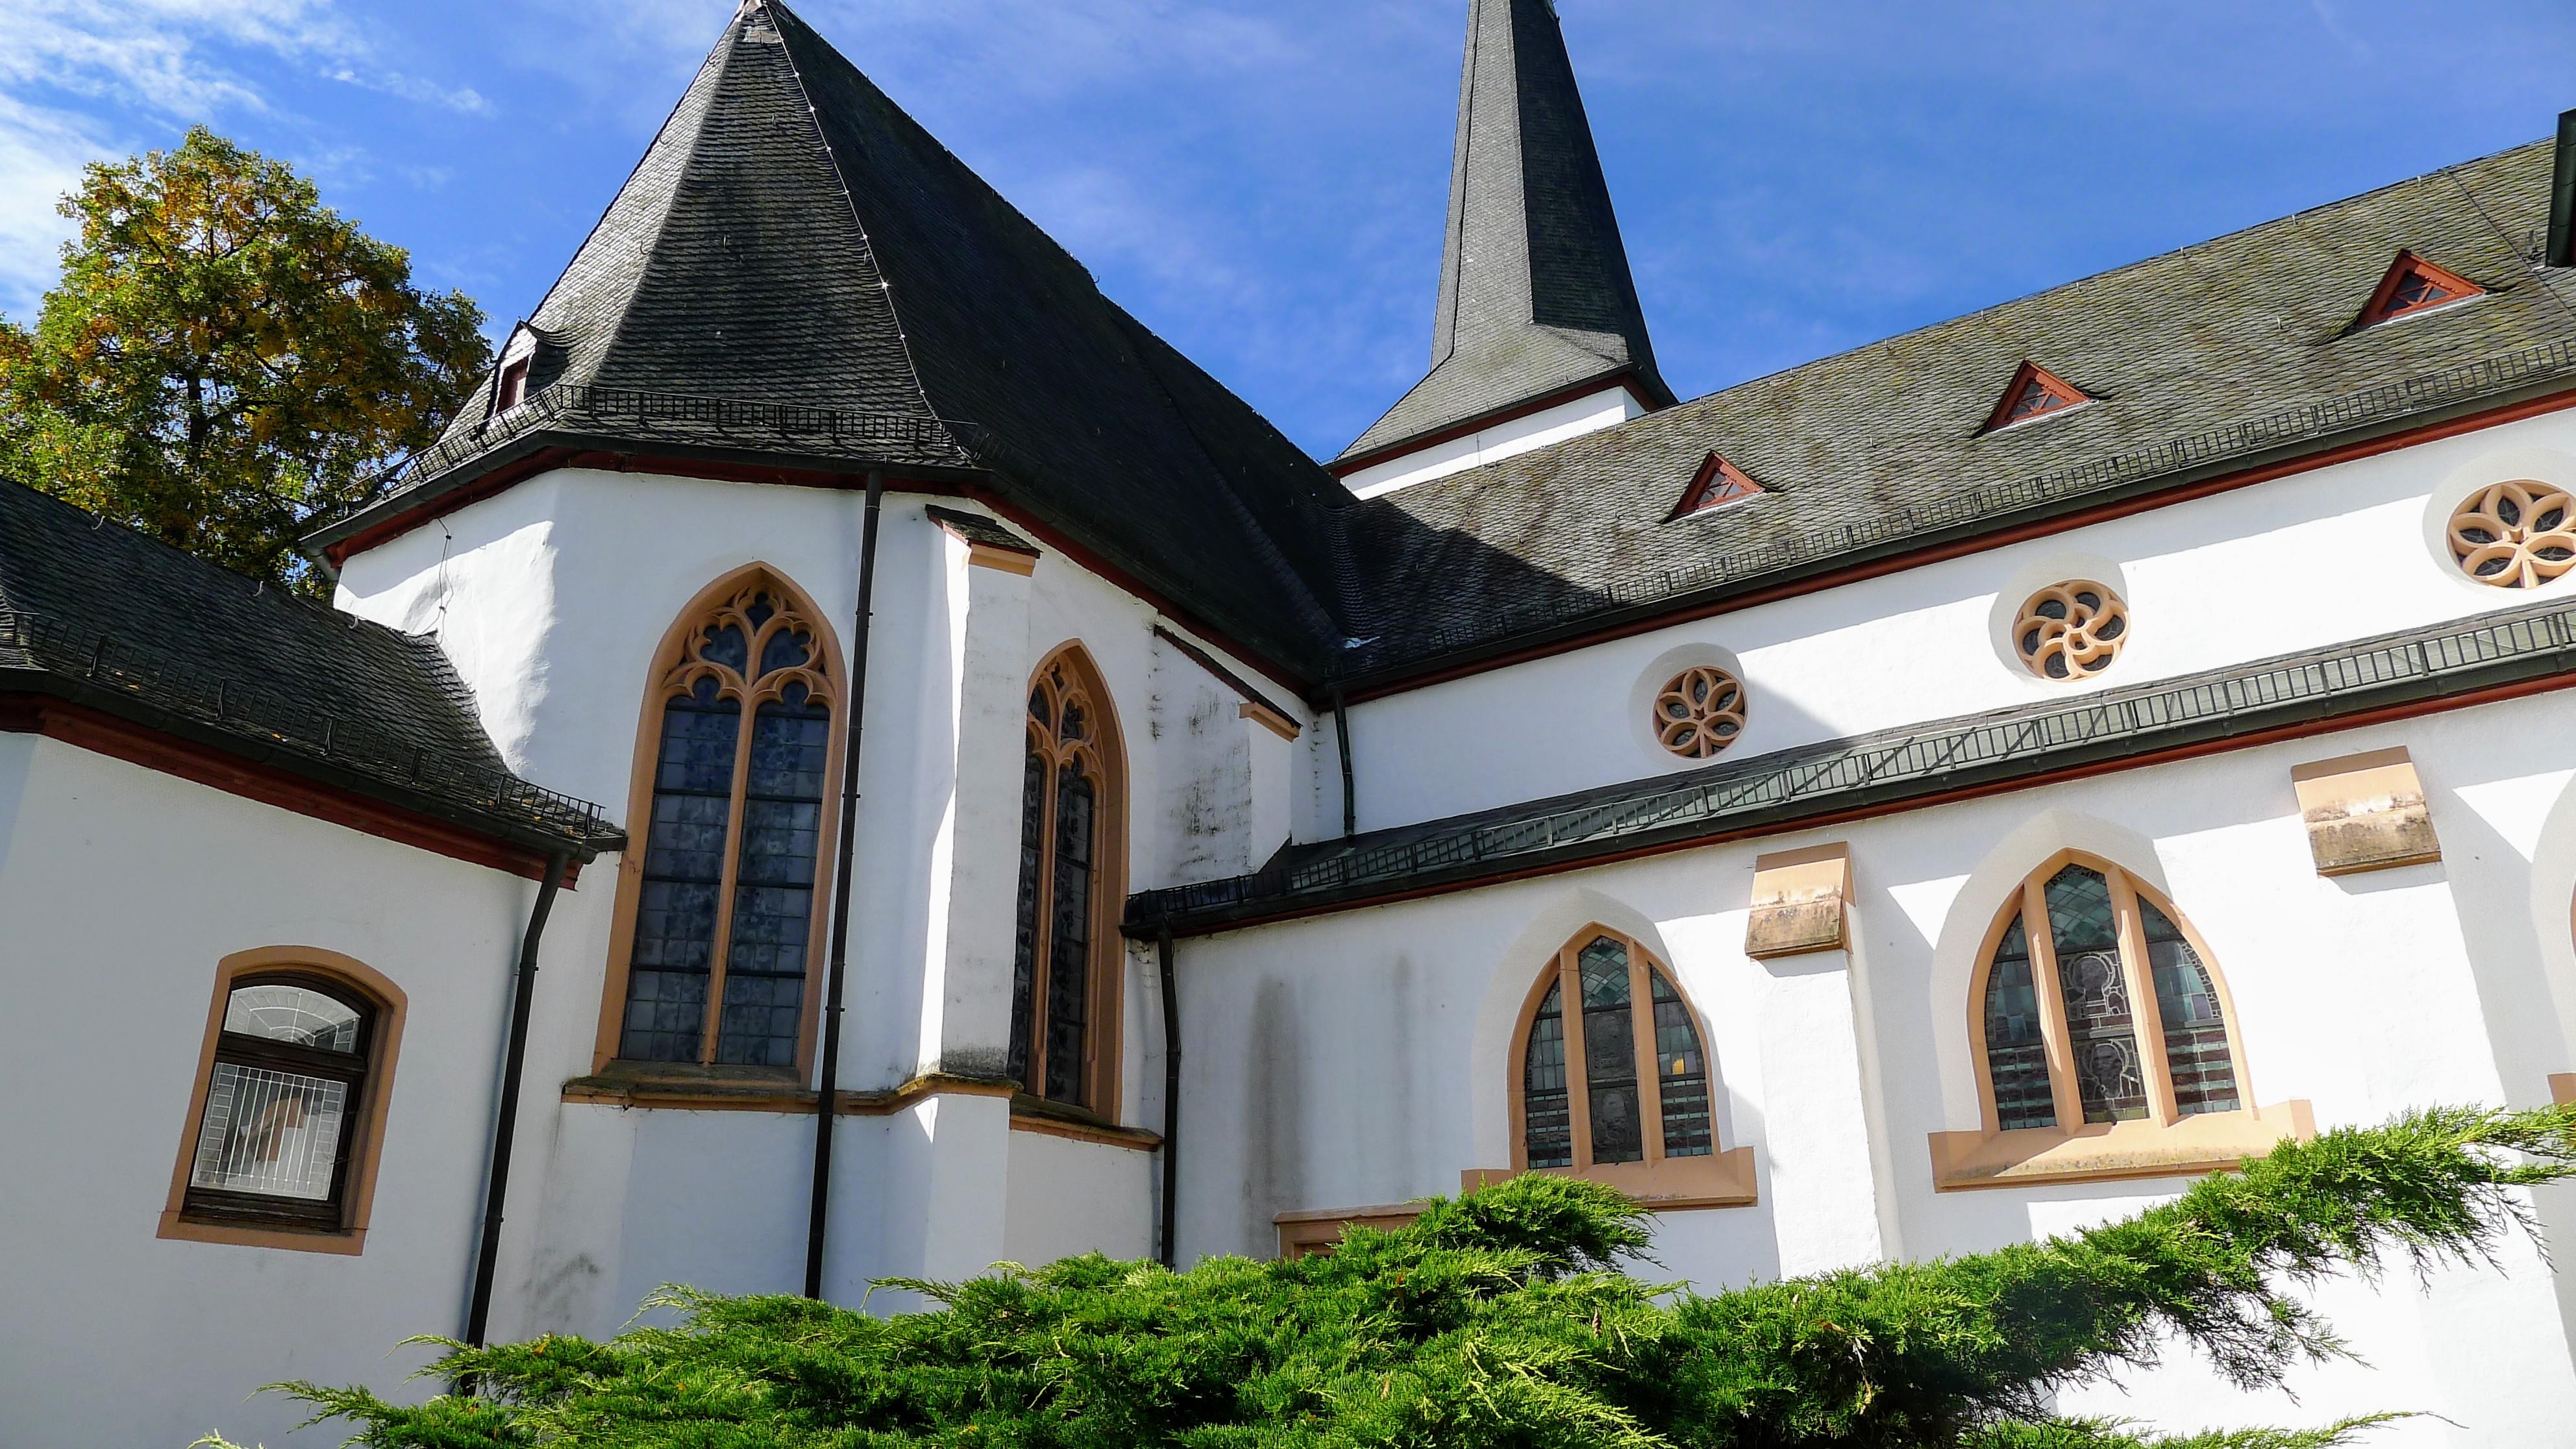 St. Helena in Mutscheid - Kleinod der Spätgotik